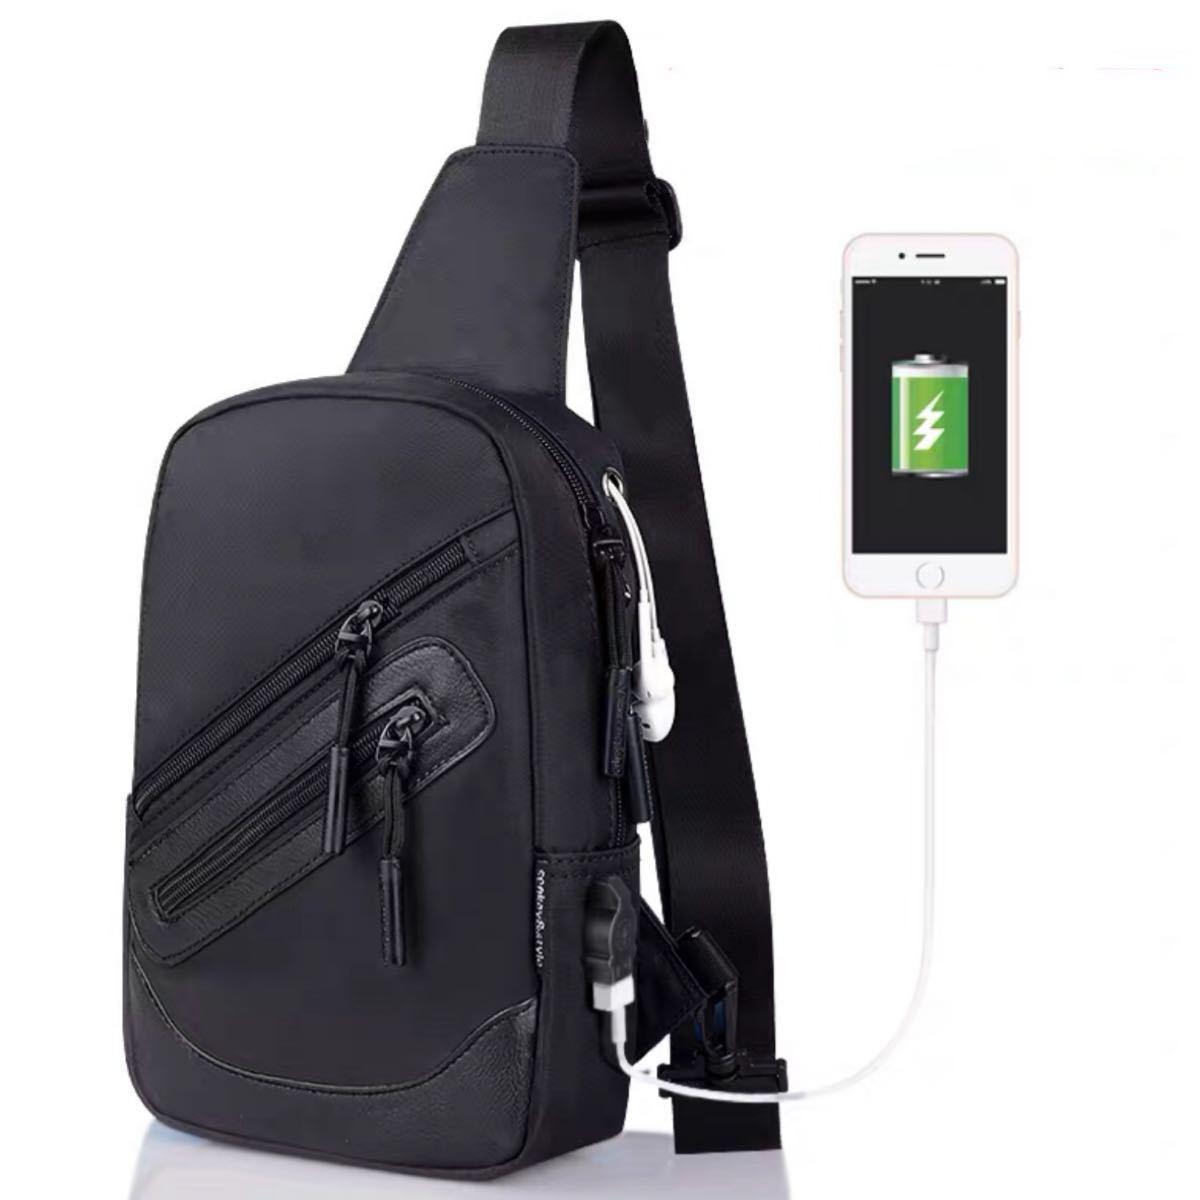 ボディバッグ ショルダーバッグ メンズ  USBポート付き 斜めがけバッグ